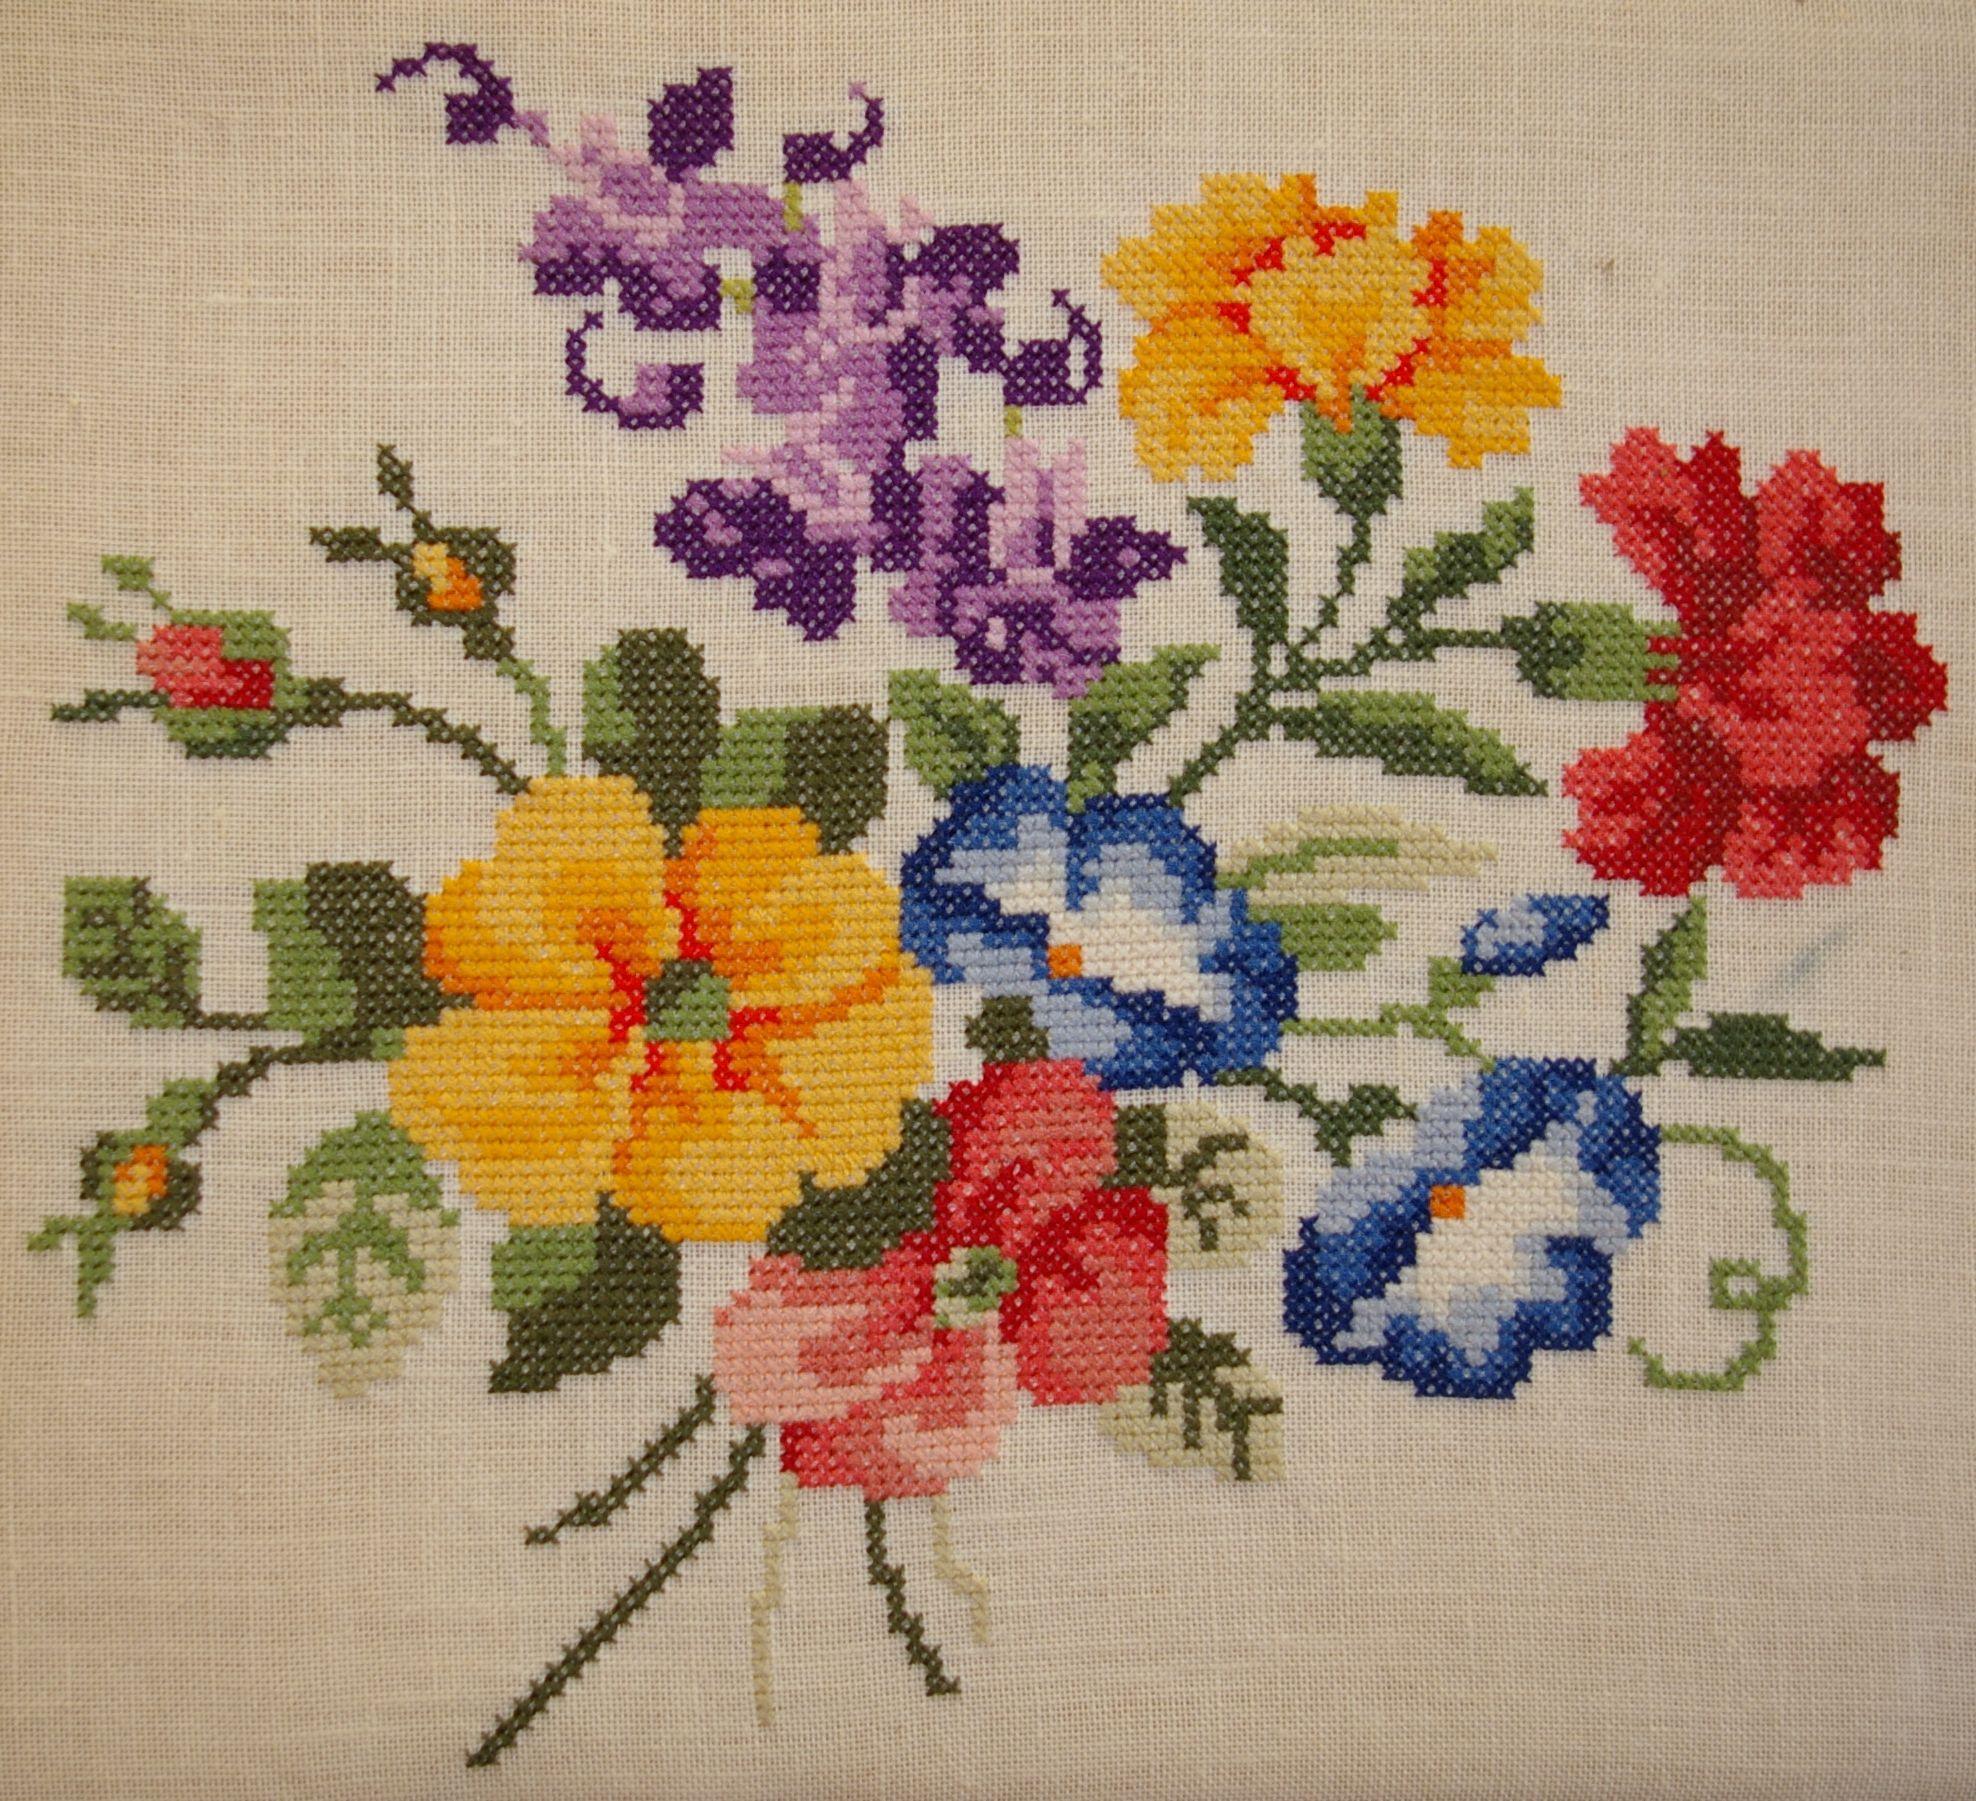 Arreglos Florales Patrones De Punto De Cruz Patrones De Puntos Cinta De Seda Venado Vestidos De Ganchillo Bordado Grecas Esquina